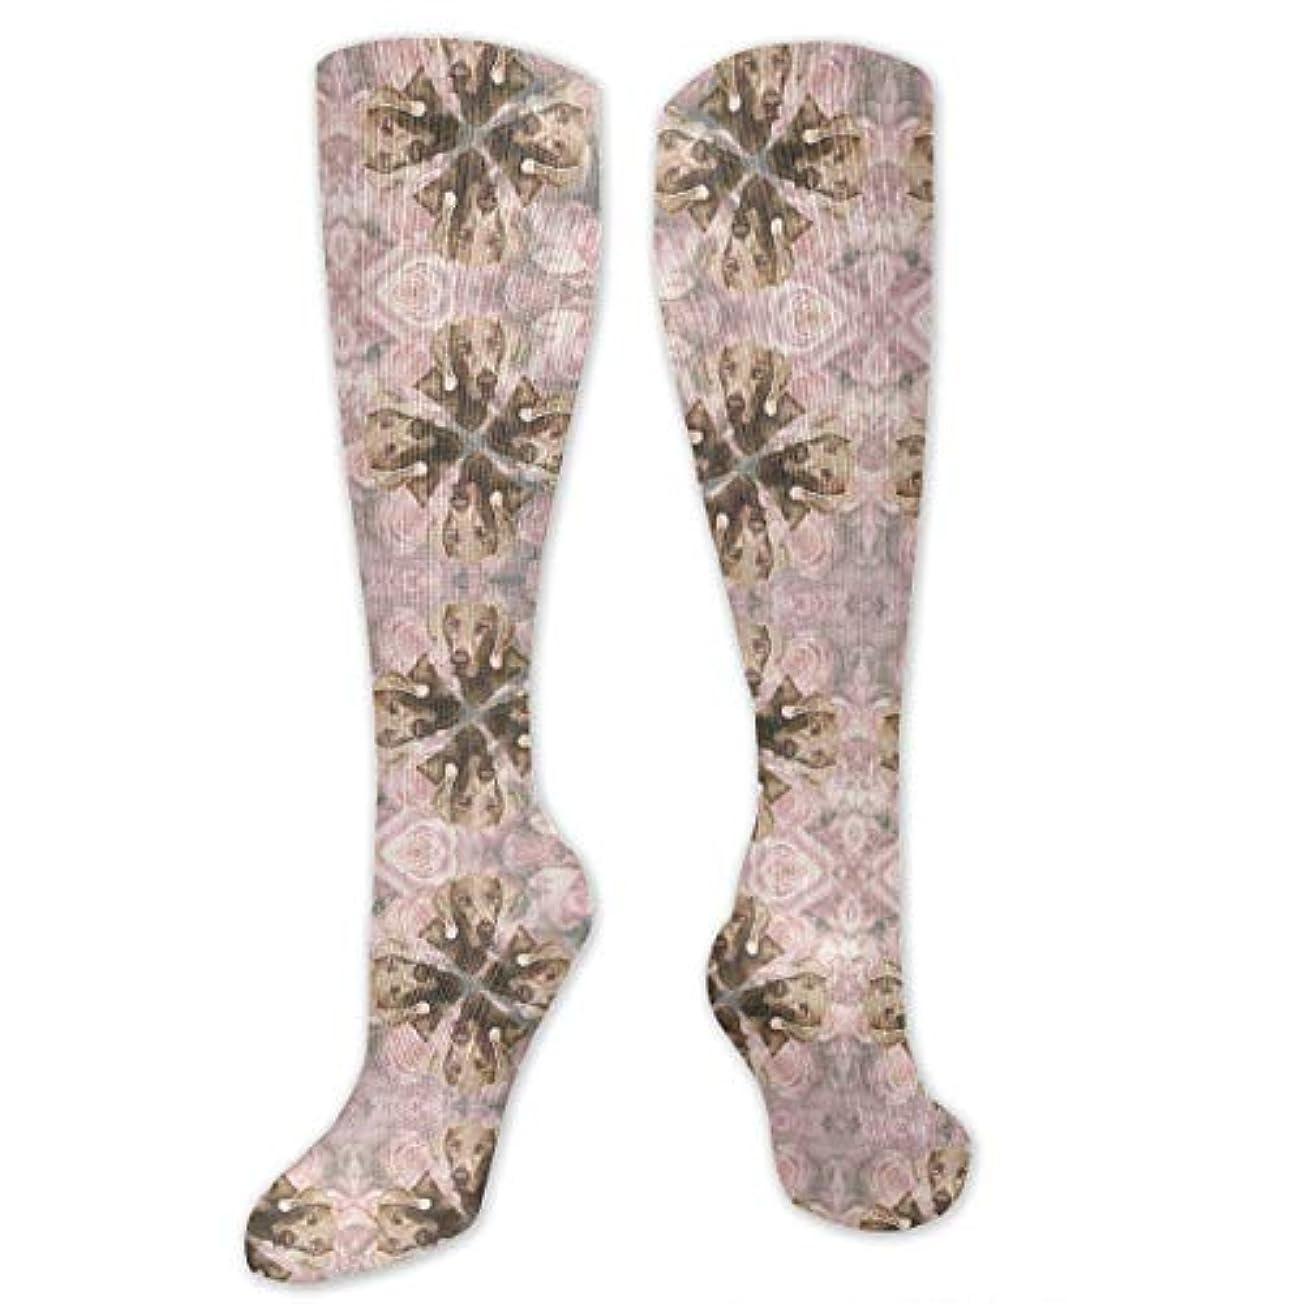 アシュリータファーマンジムファイル靴下,ストッキング,野生のジョーカー,実際,秋の本質,冬必須,サマーウェア&RBXAA Roses Weimaraner Wallpaper Socks Women's Winter Cotton Long Tube Socks...